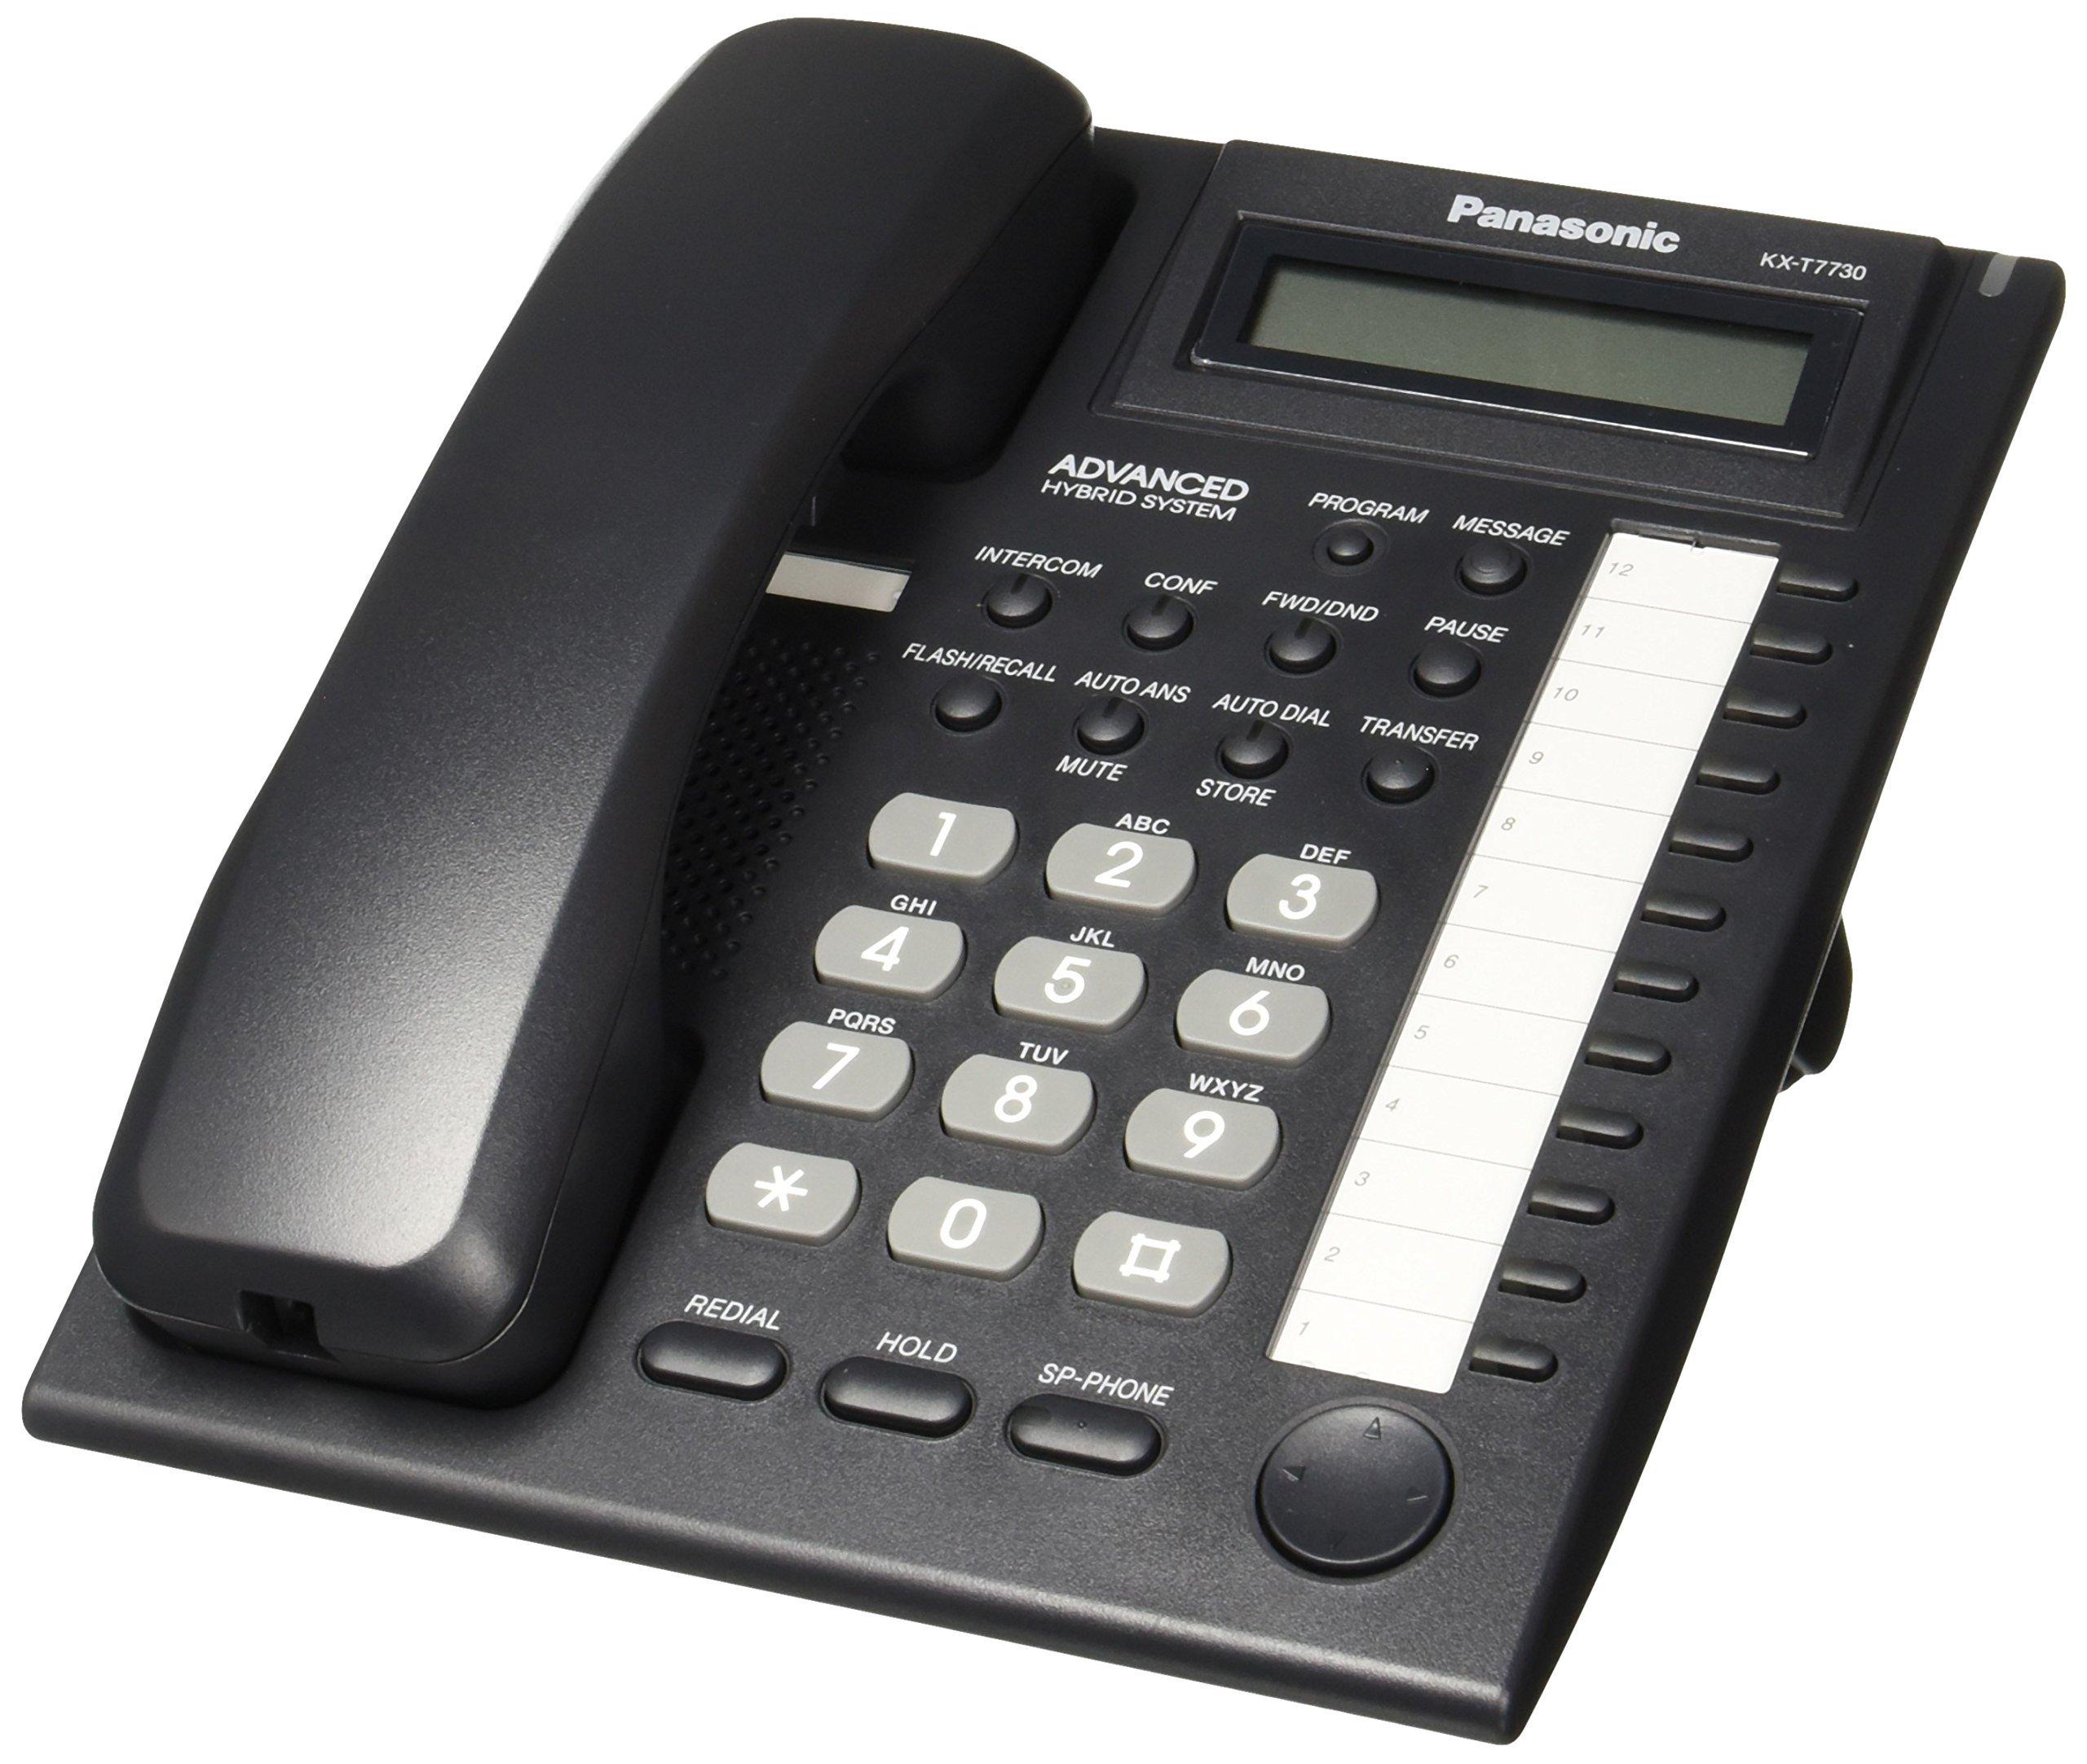 Panasonic KX-T7730 Telephone Black